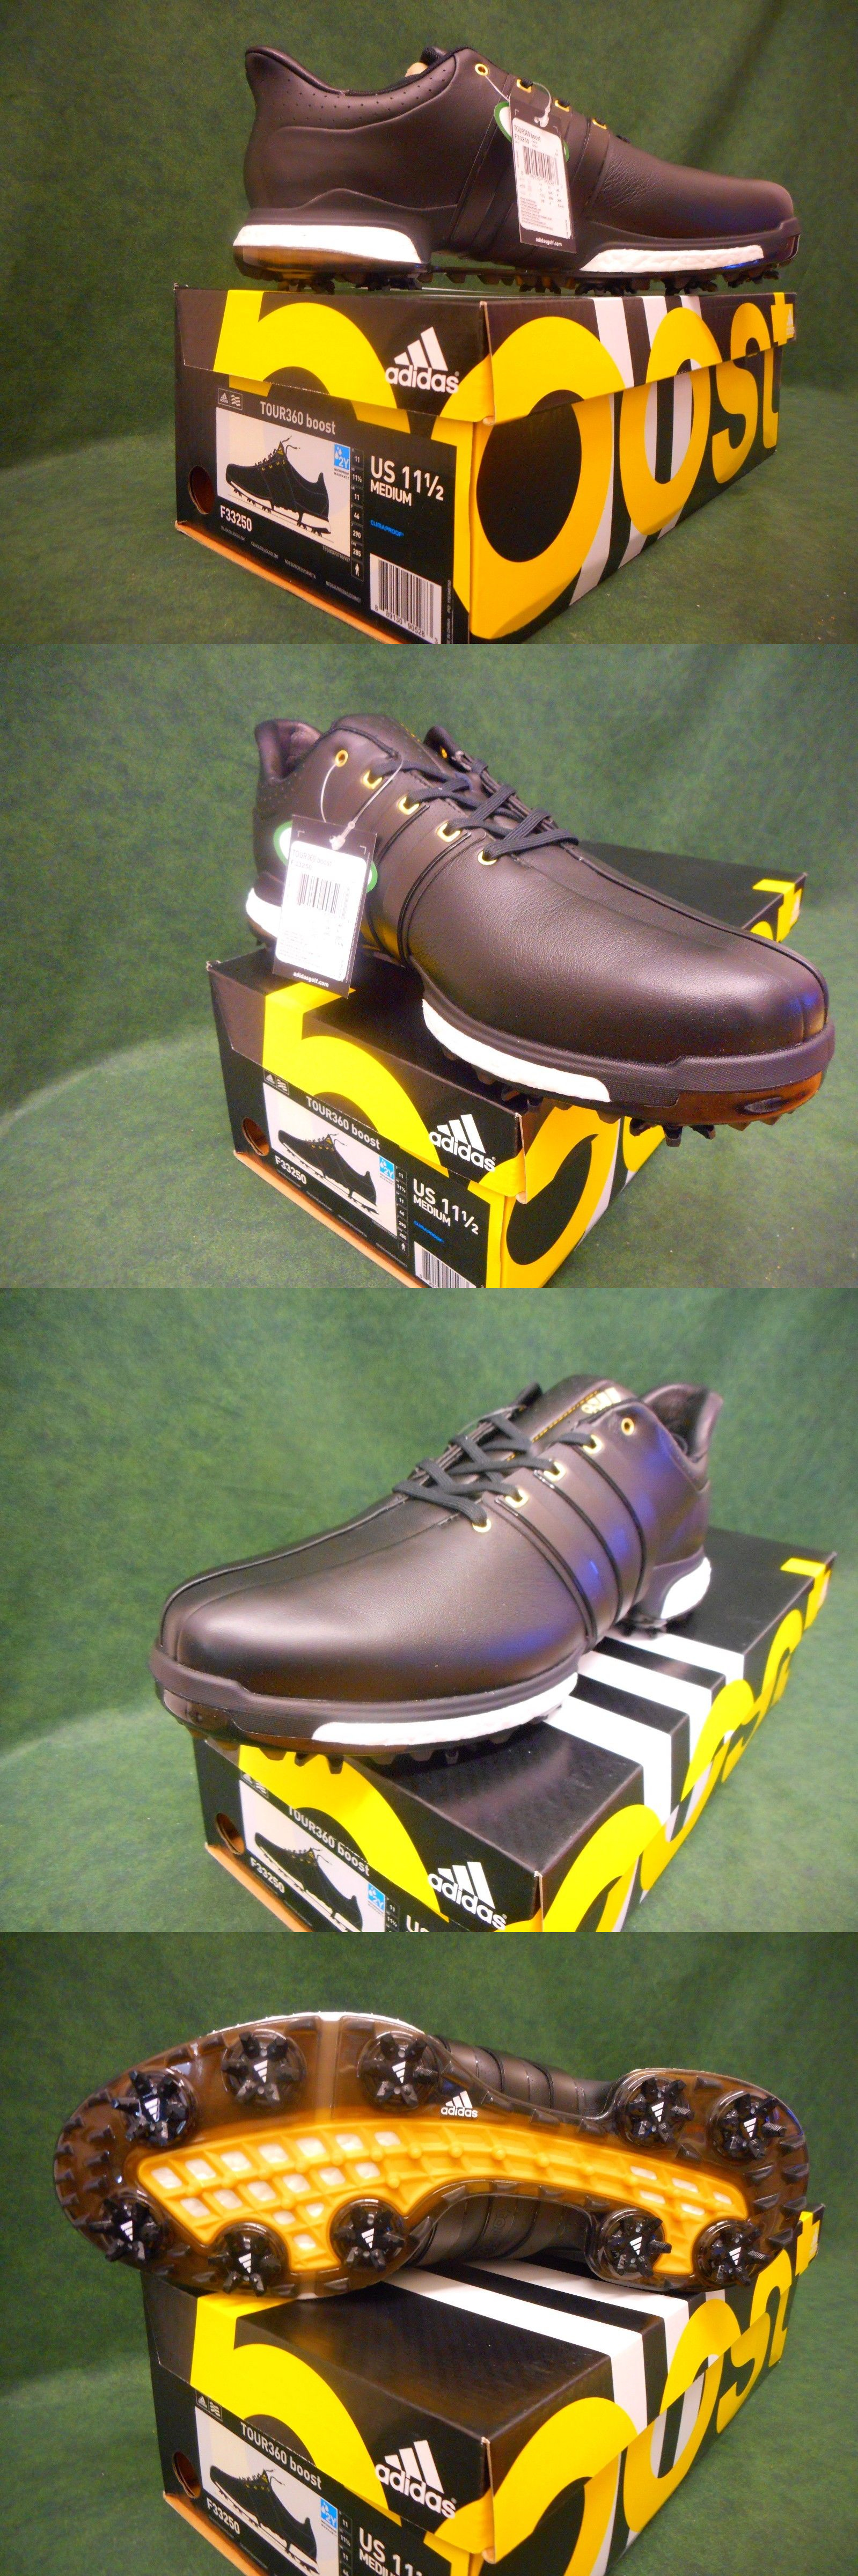 adidas golf shoes 360 boost medium